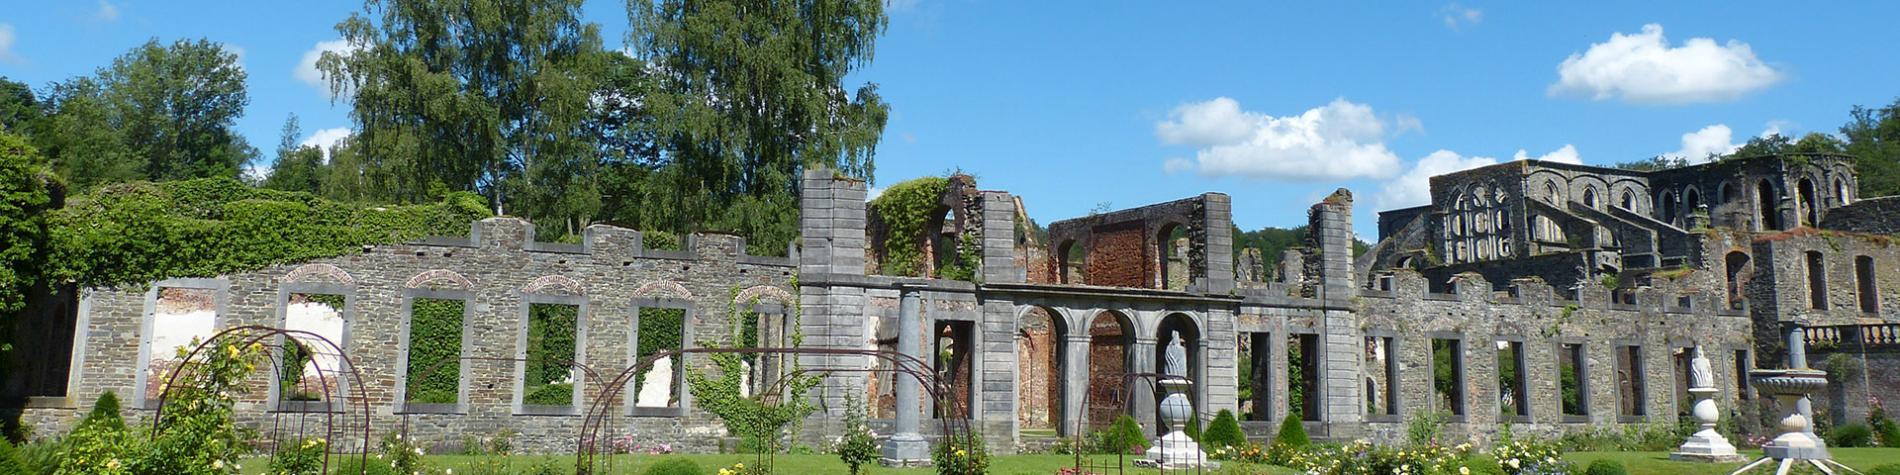 Abbaye - Villers-la-Ville - jardins- Patrimoine exceptionnel - Wallonie